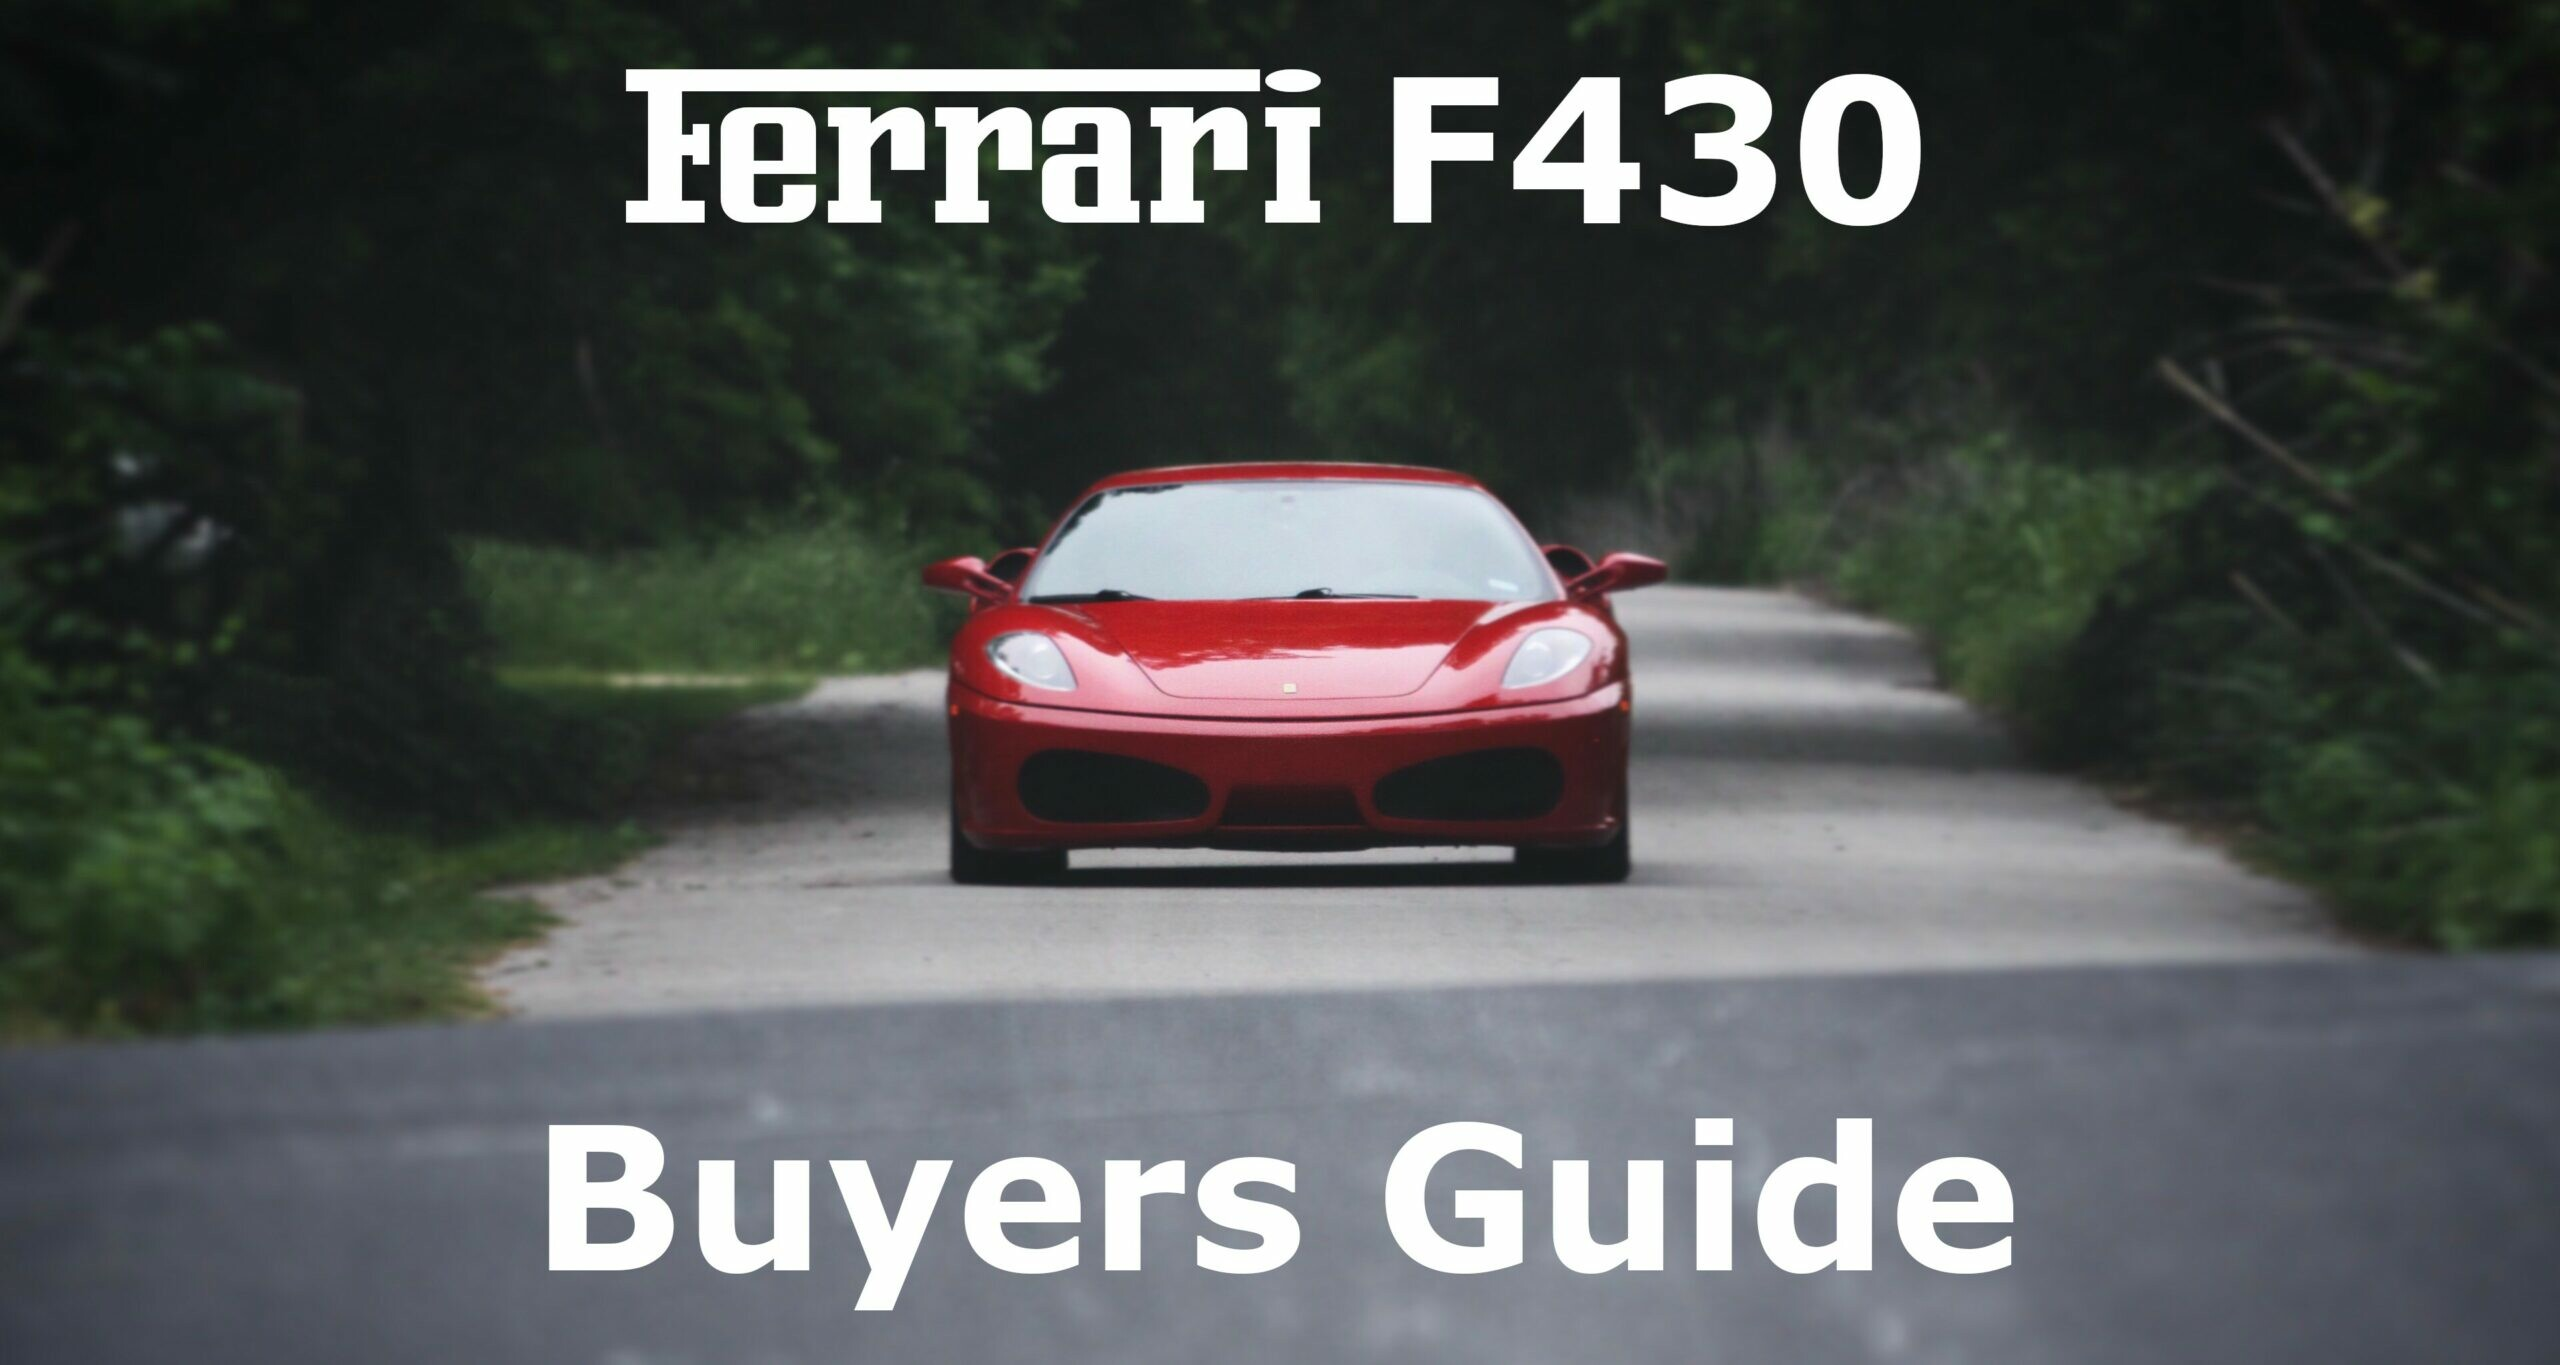 Ferrari F430 Buyers Guide Pdf Download Normal Guy Supercar